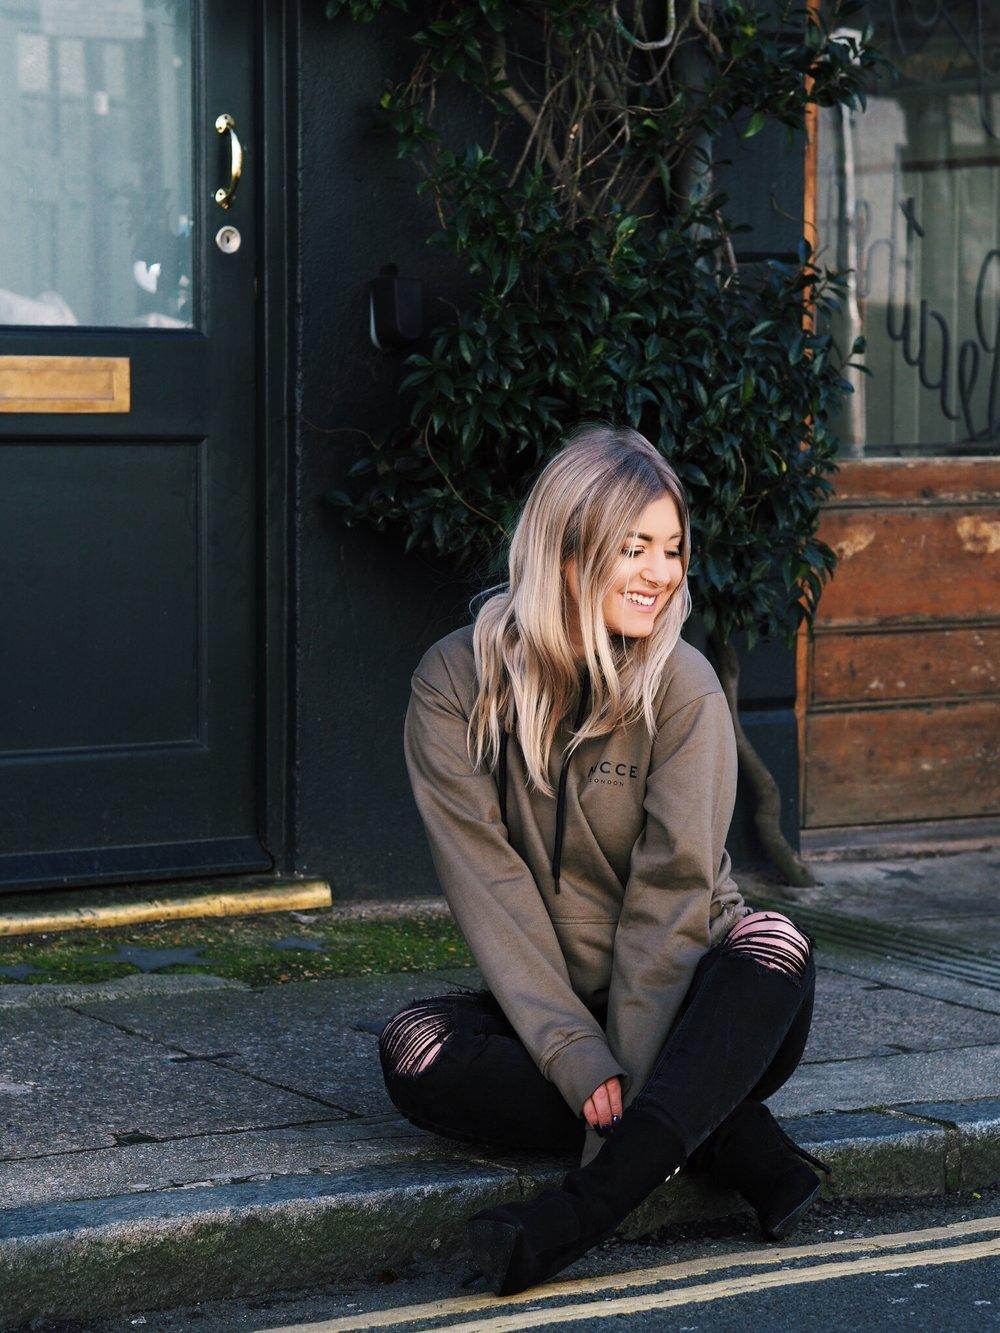 NICCE london brighton fashion blogger